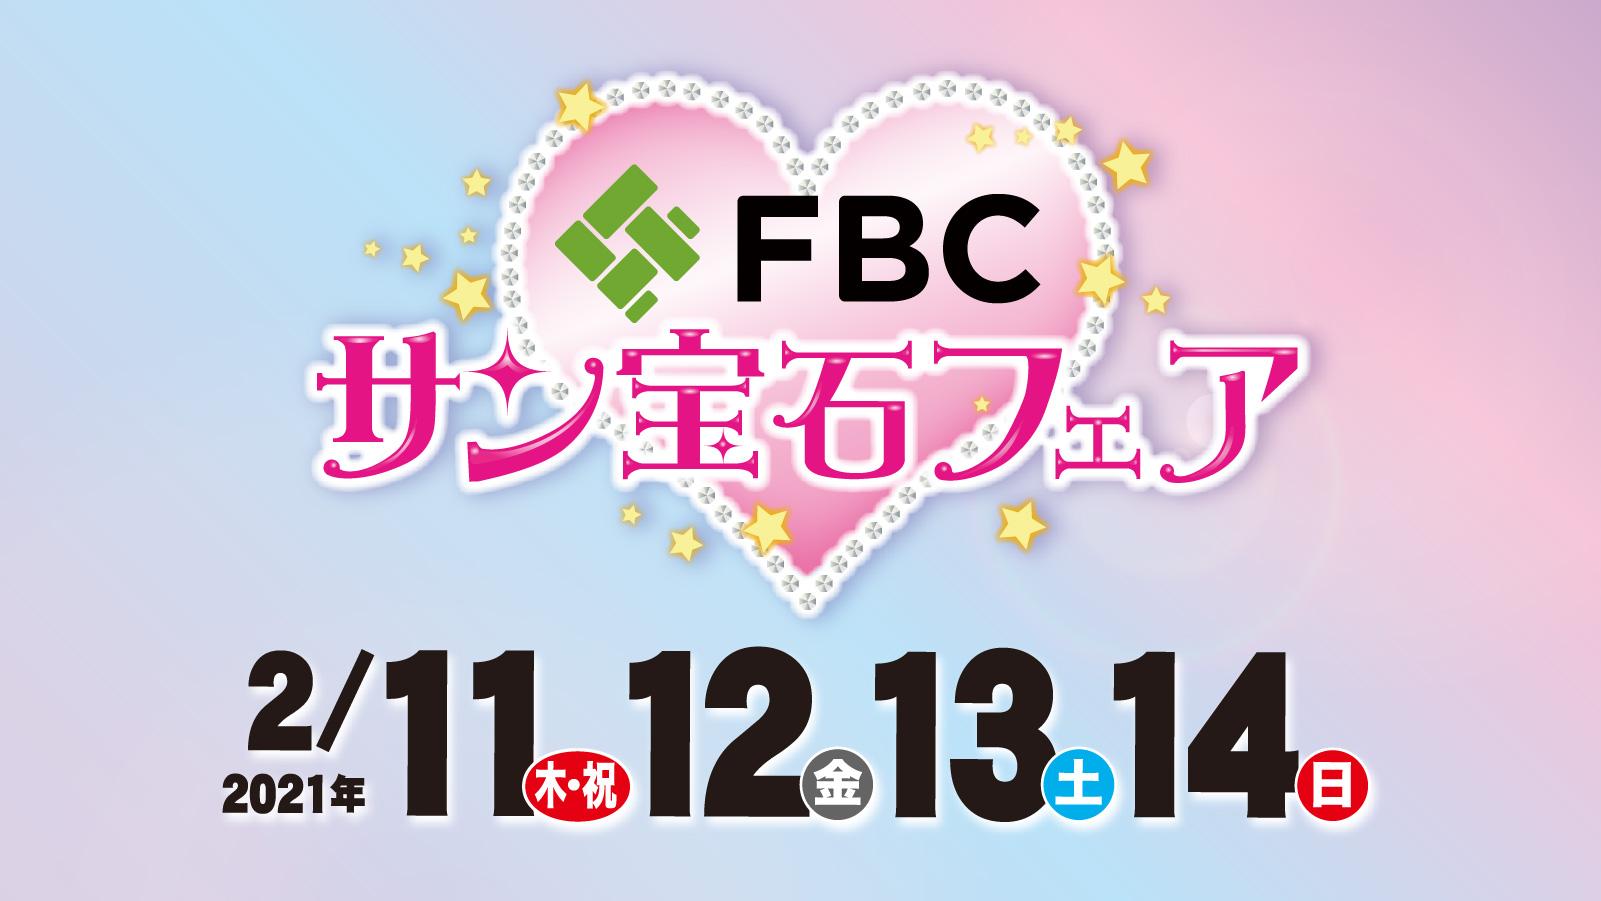 FBCサン宝石フェア2021